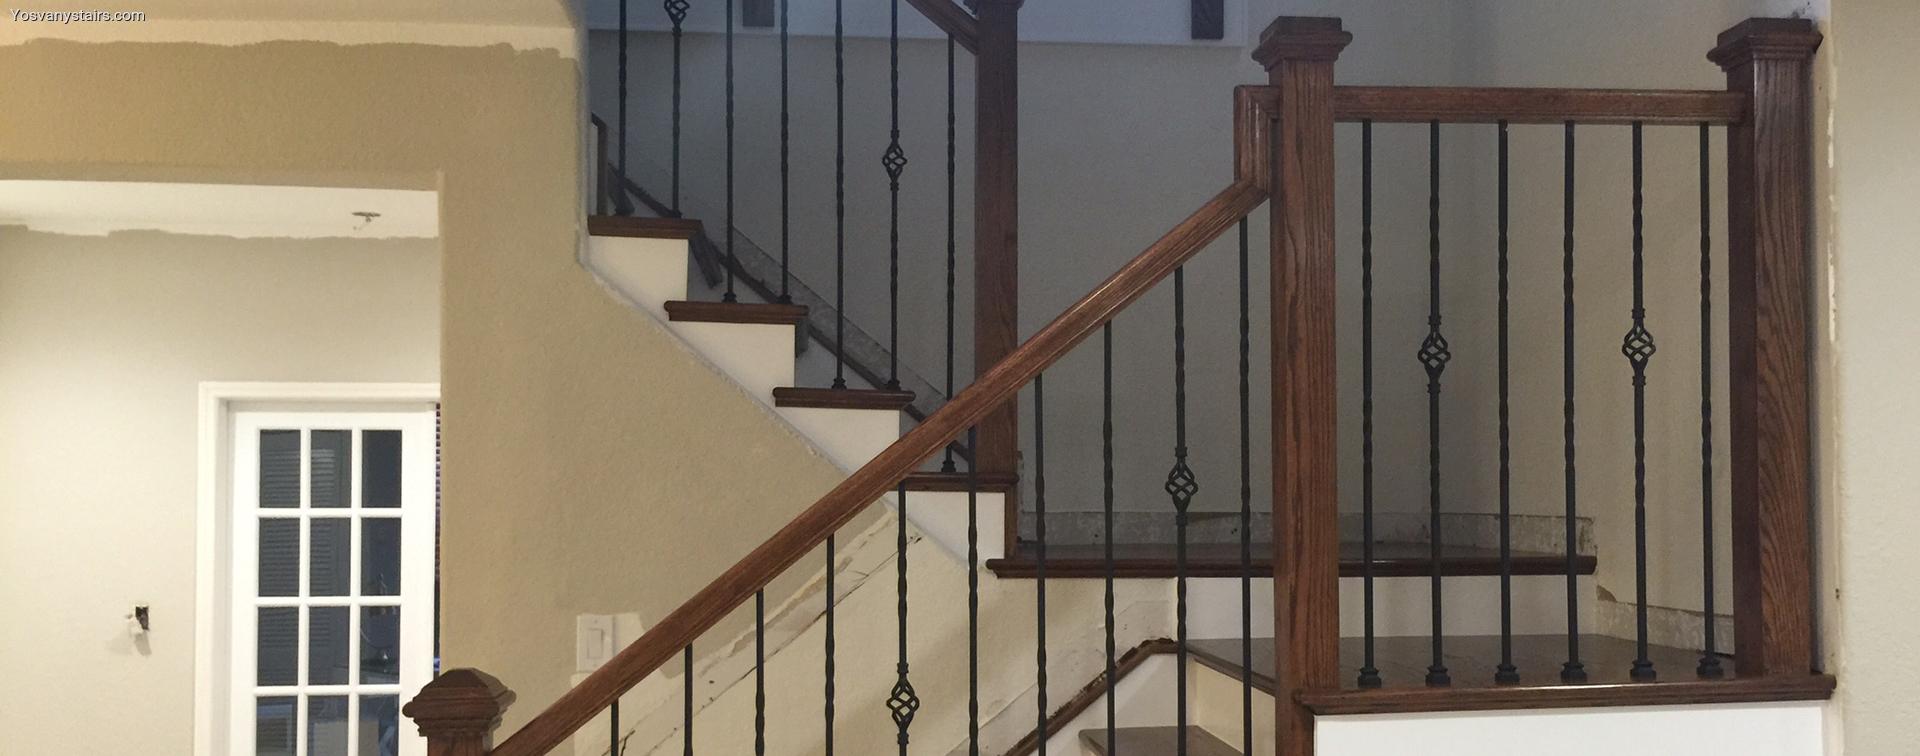 Instalacion de barandas y escaleras en miami - Baranda de escalera ...